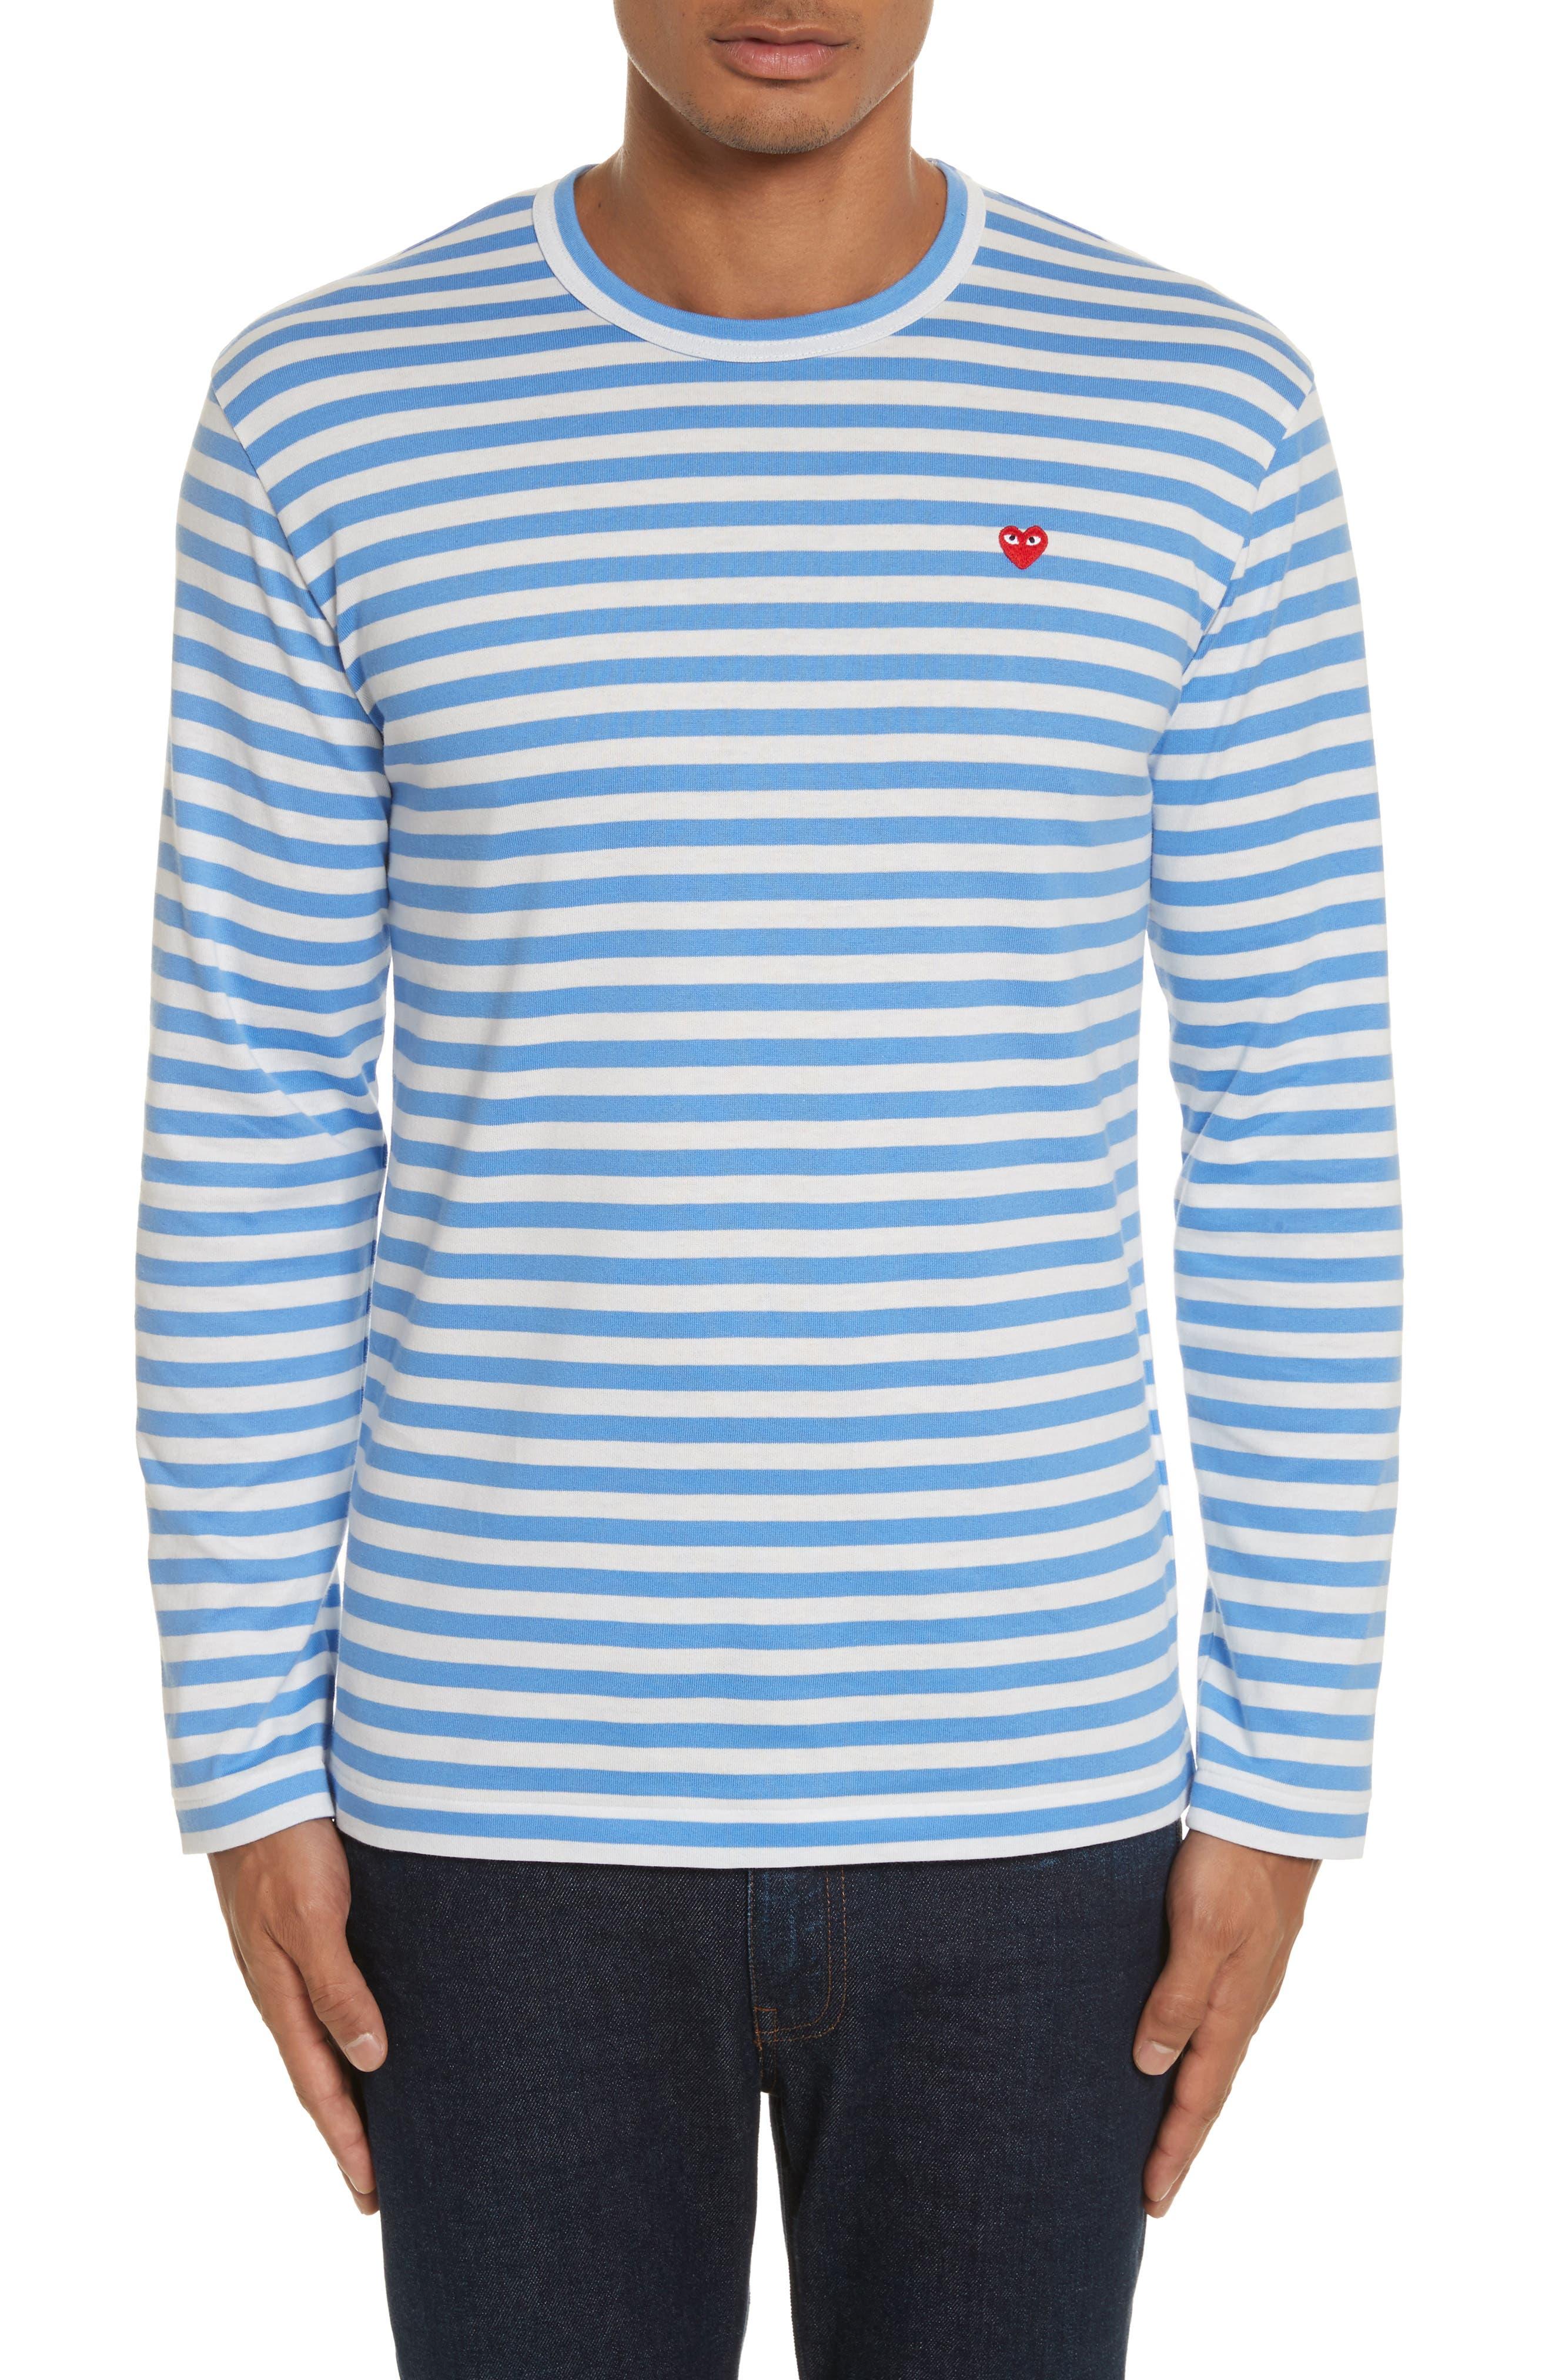 COMME DES GARÇONS PLAY Long Sleeve Stripe Crewneck T-Shirt, Main, color, 400